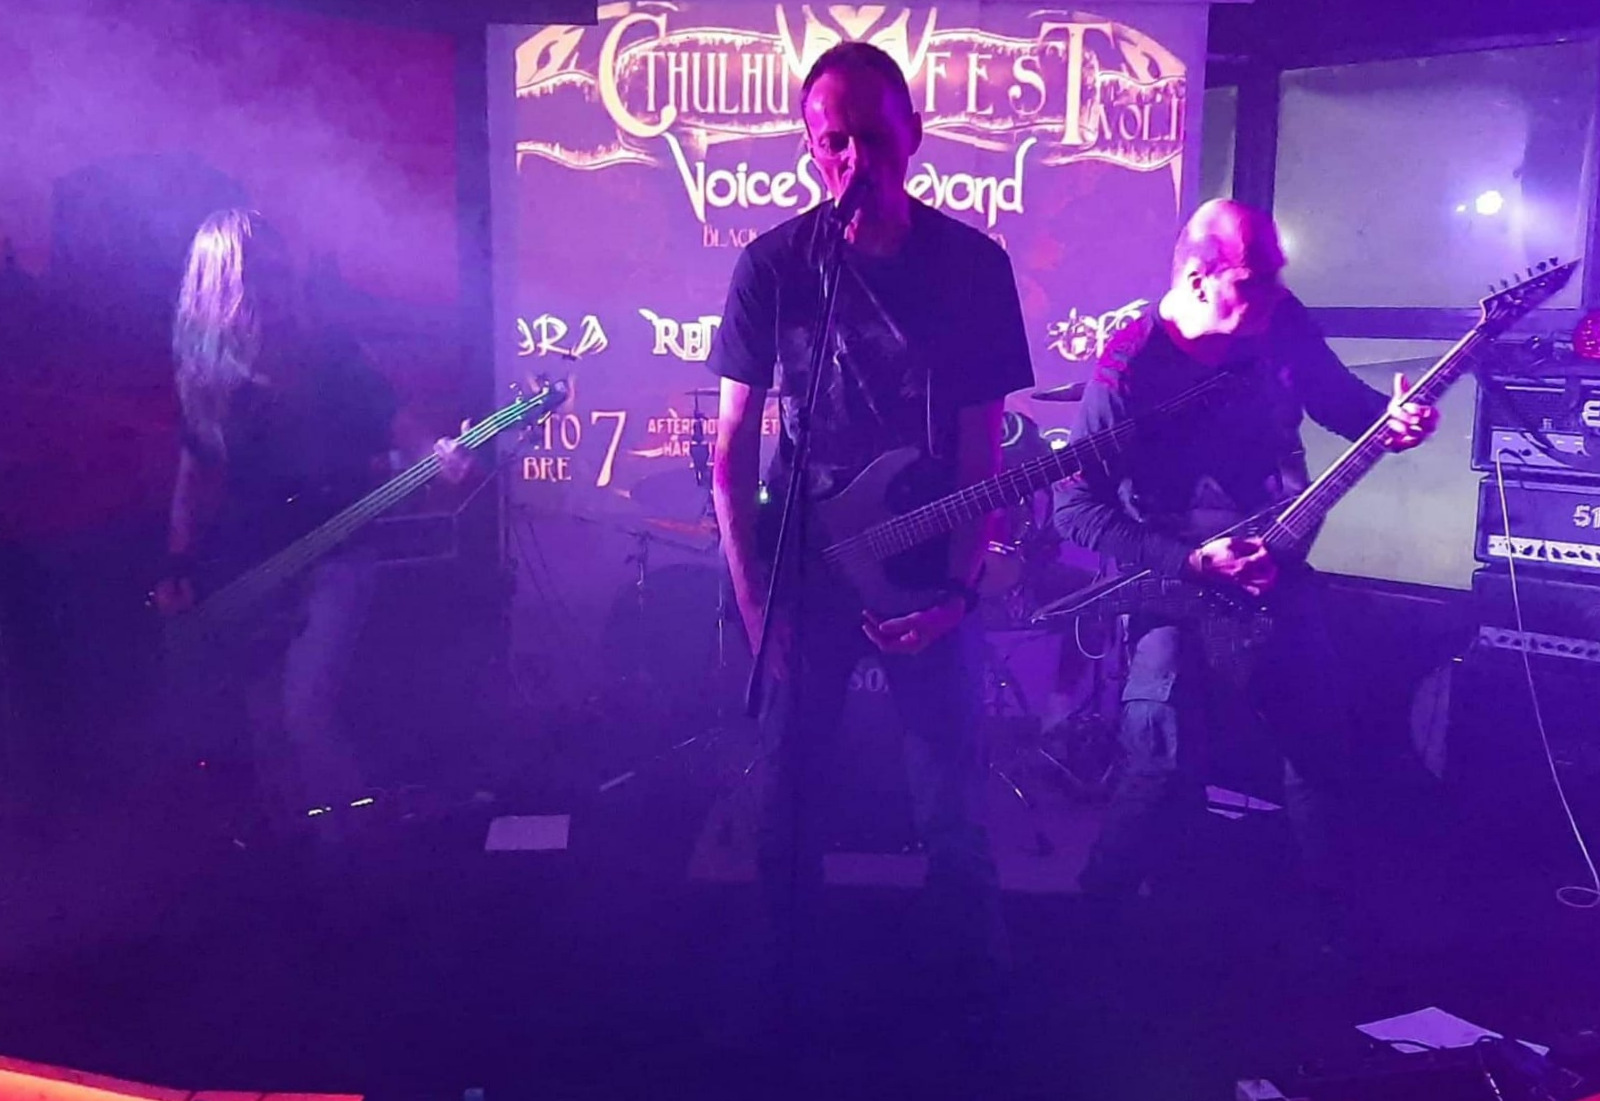 Hydra @ Cthulhu Fest